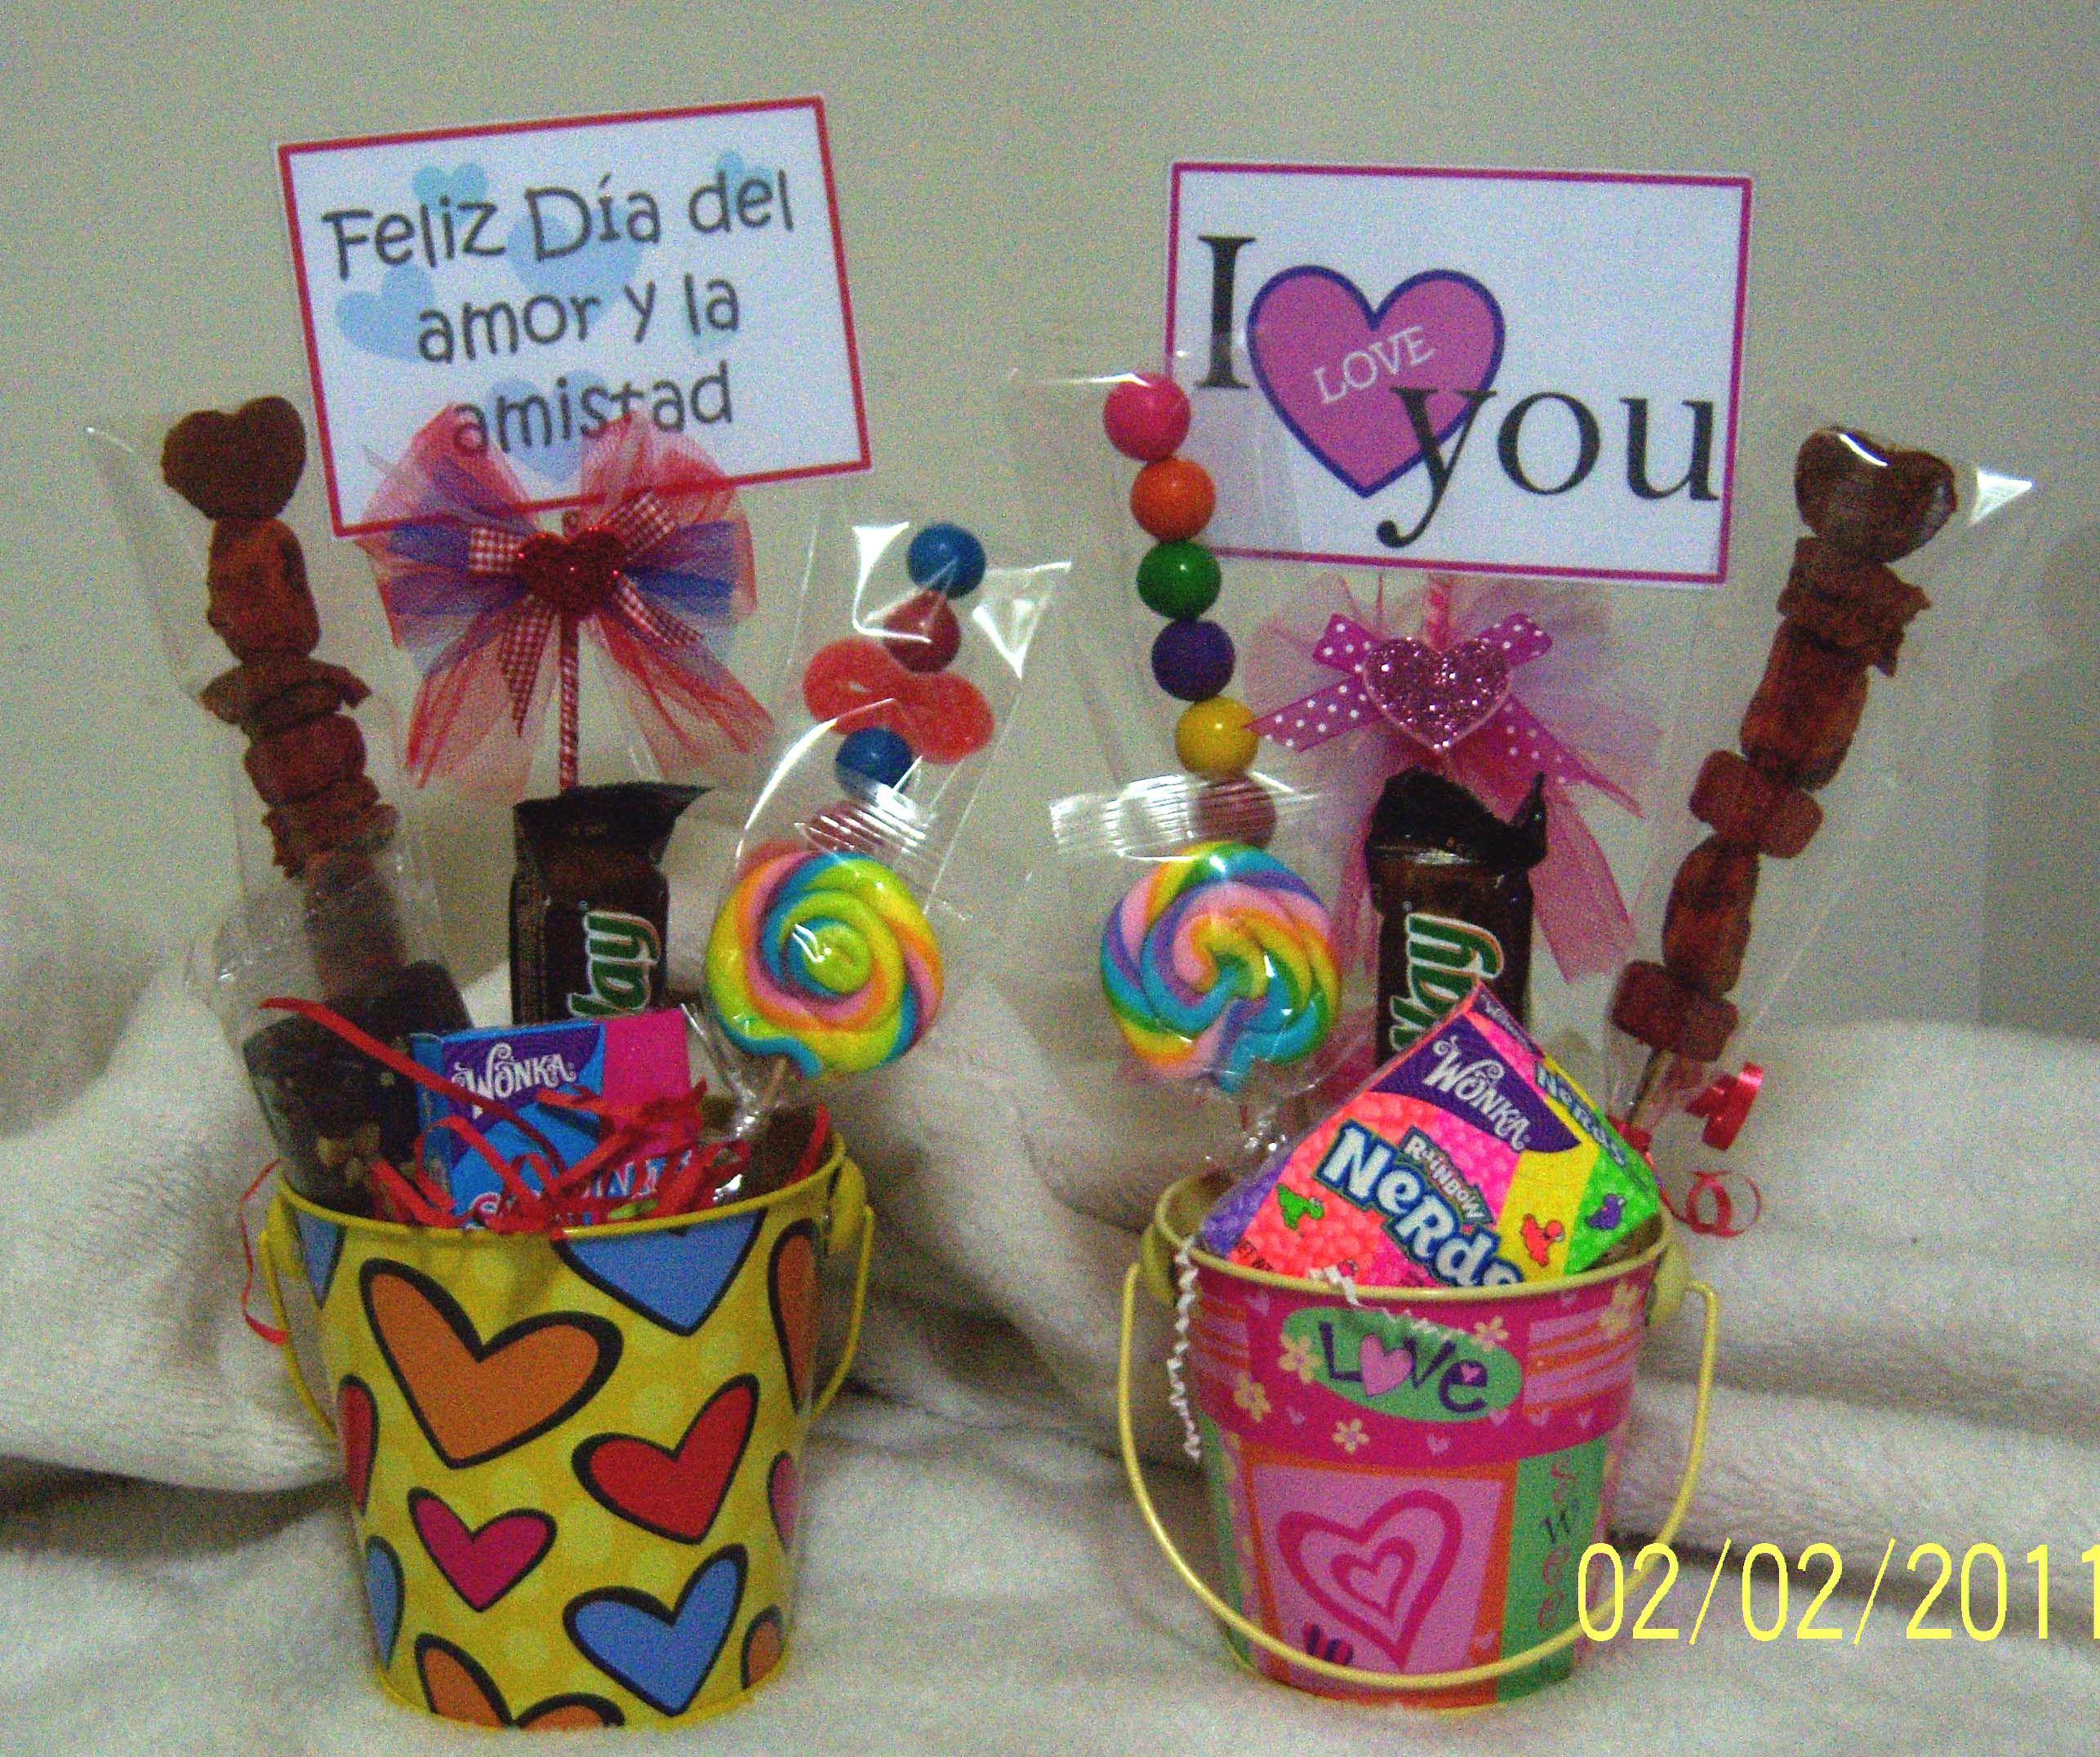 Tinas Con Variedad De Golosinas Y Chocolates San Valentin  ~ Detalles Con Fotos Para Regalar